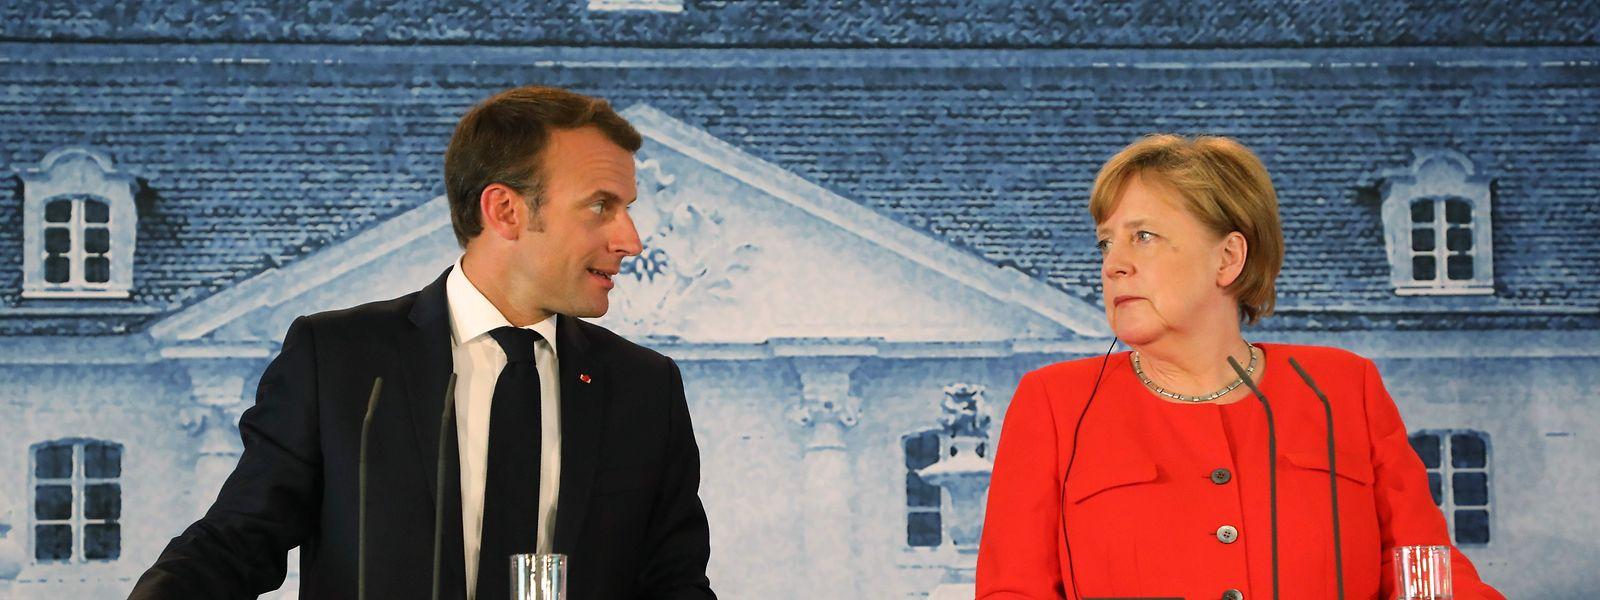 Merkel und Macron sind sich, was die Stärkung der EU anbelangt, prinzipiell einig.